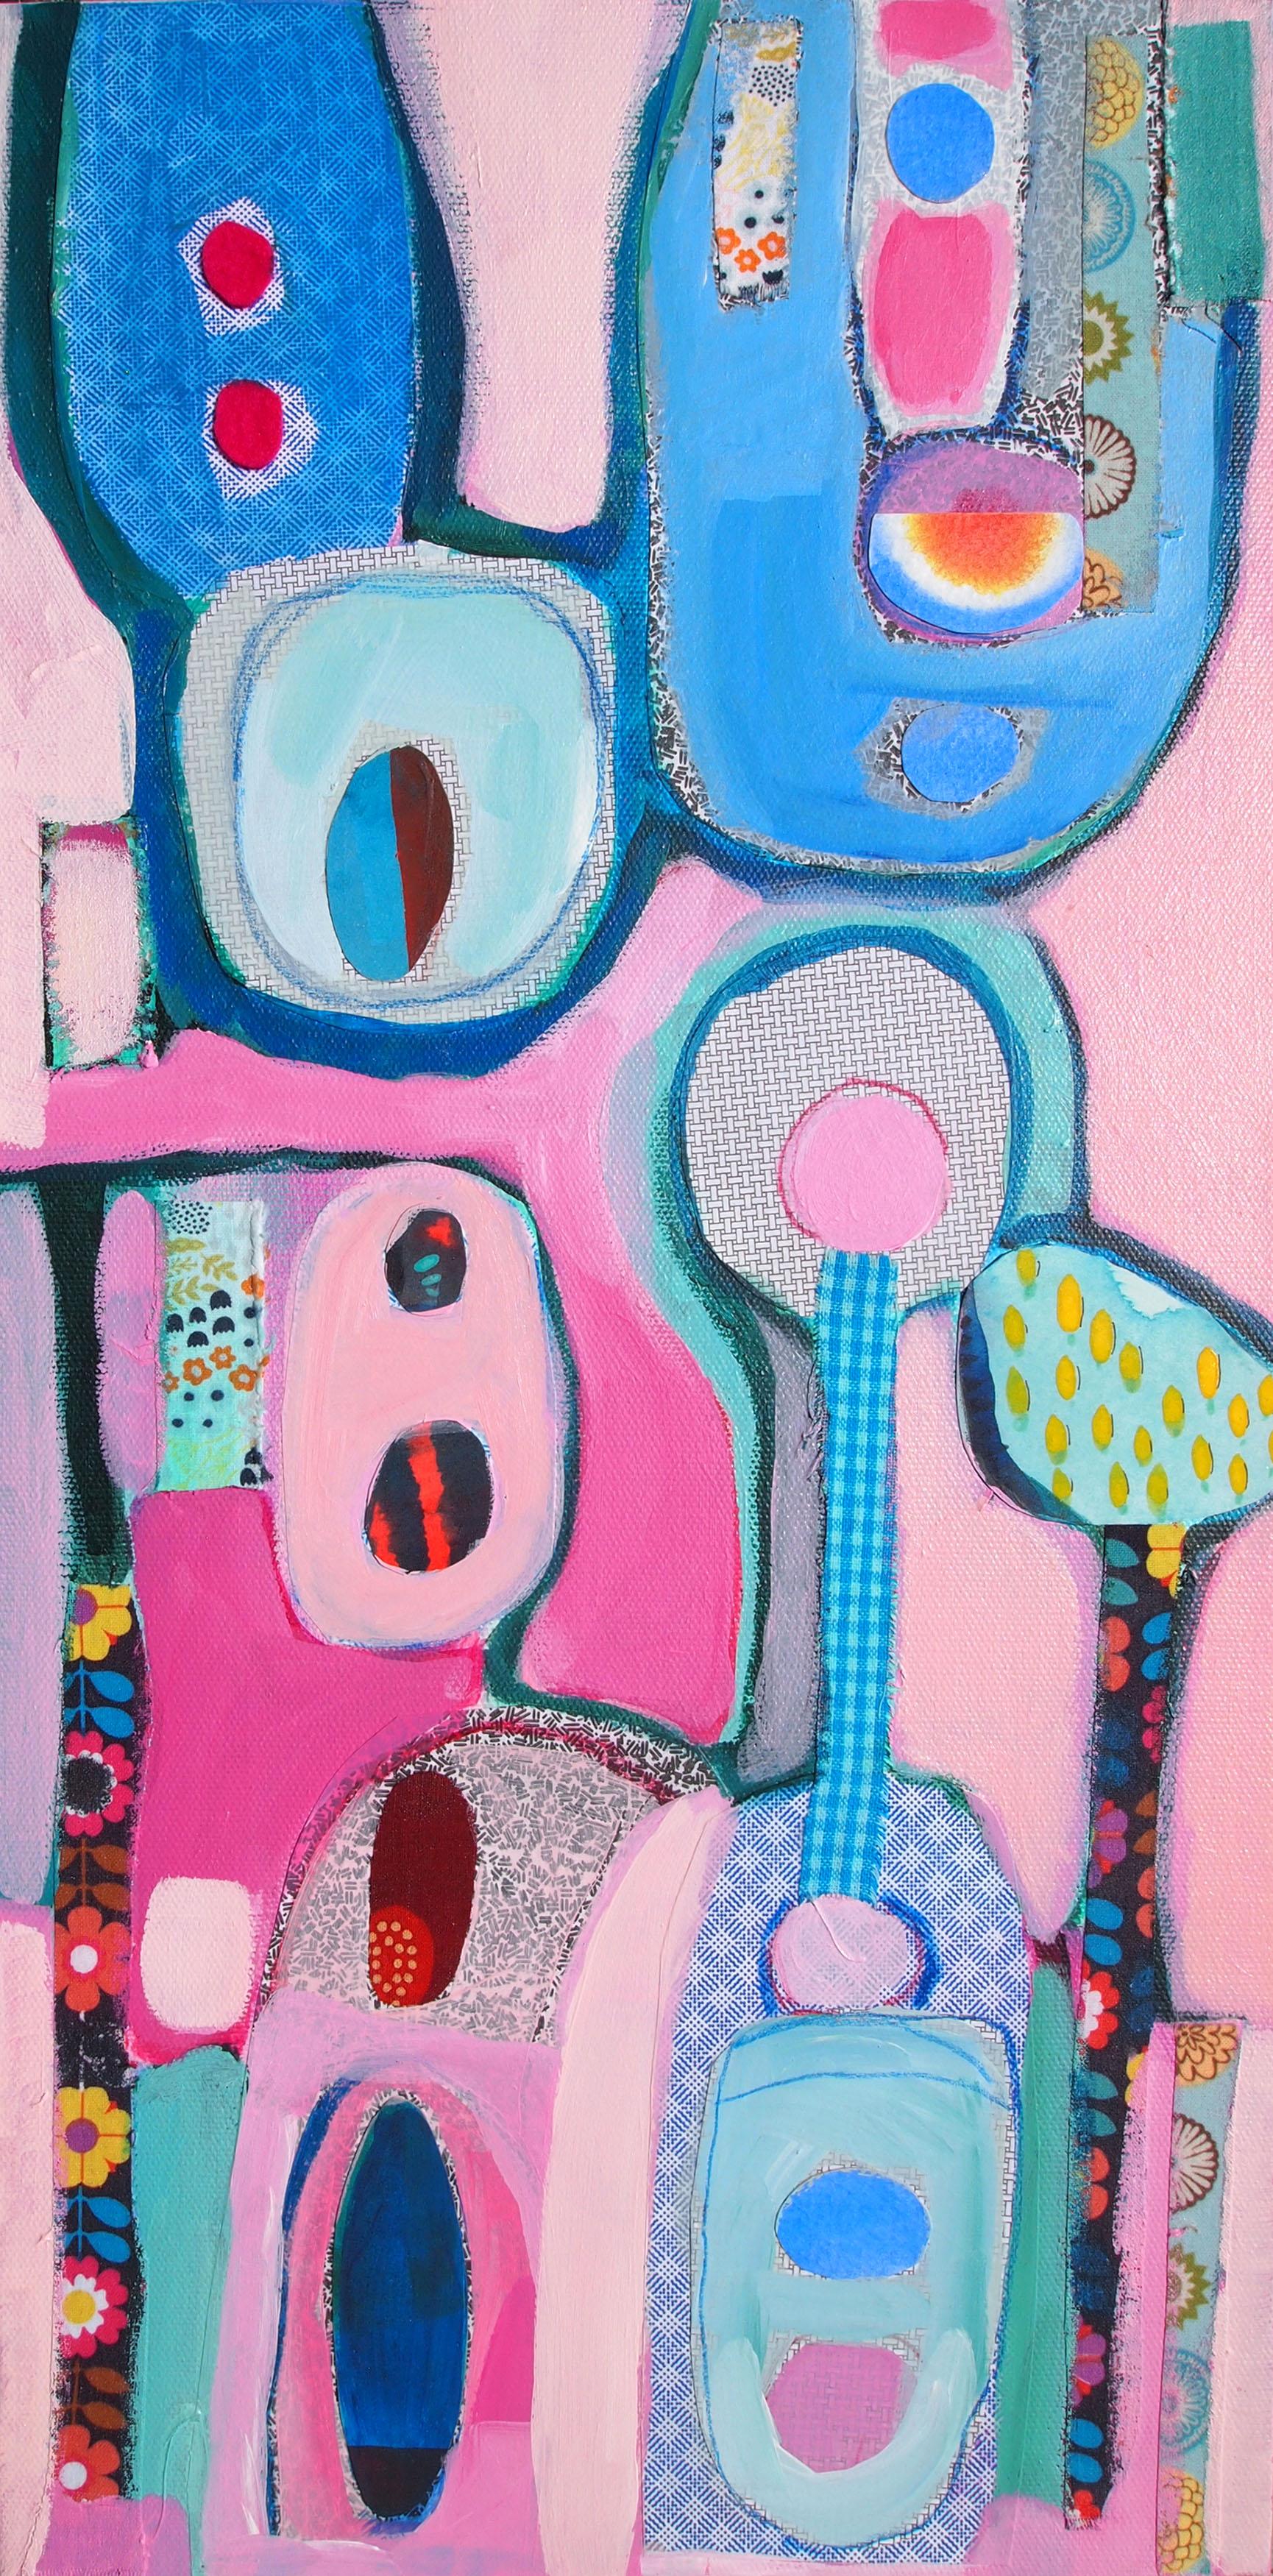 Balancing Pink and Blue